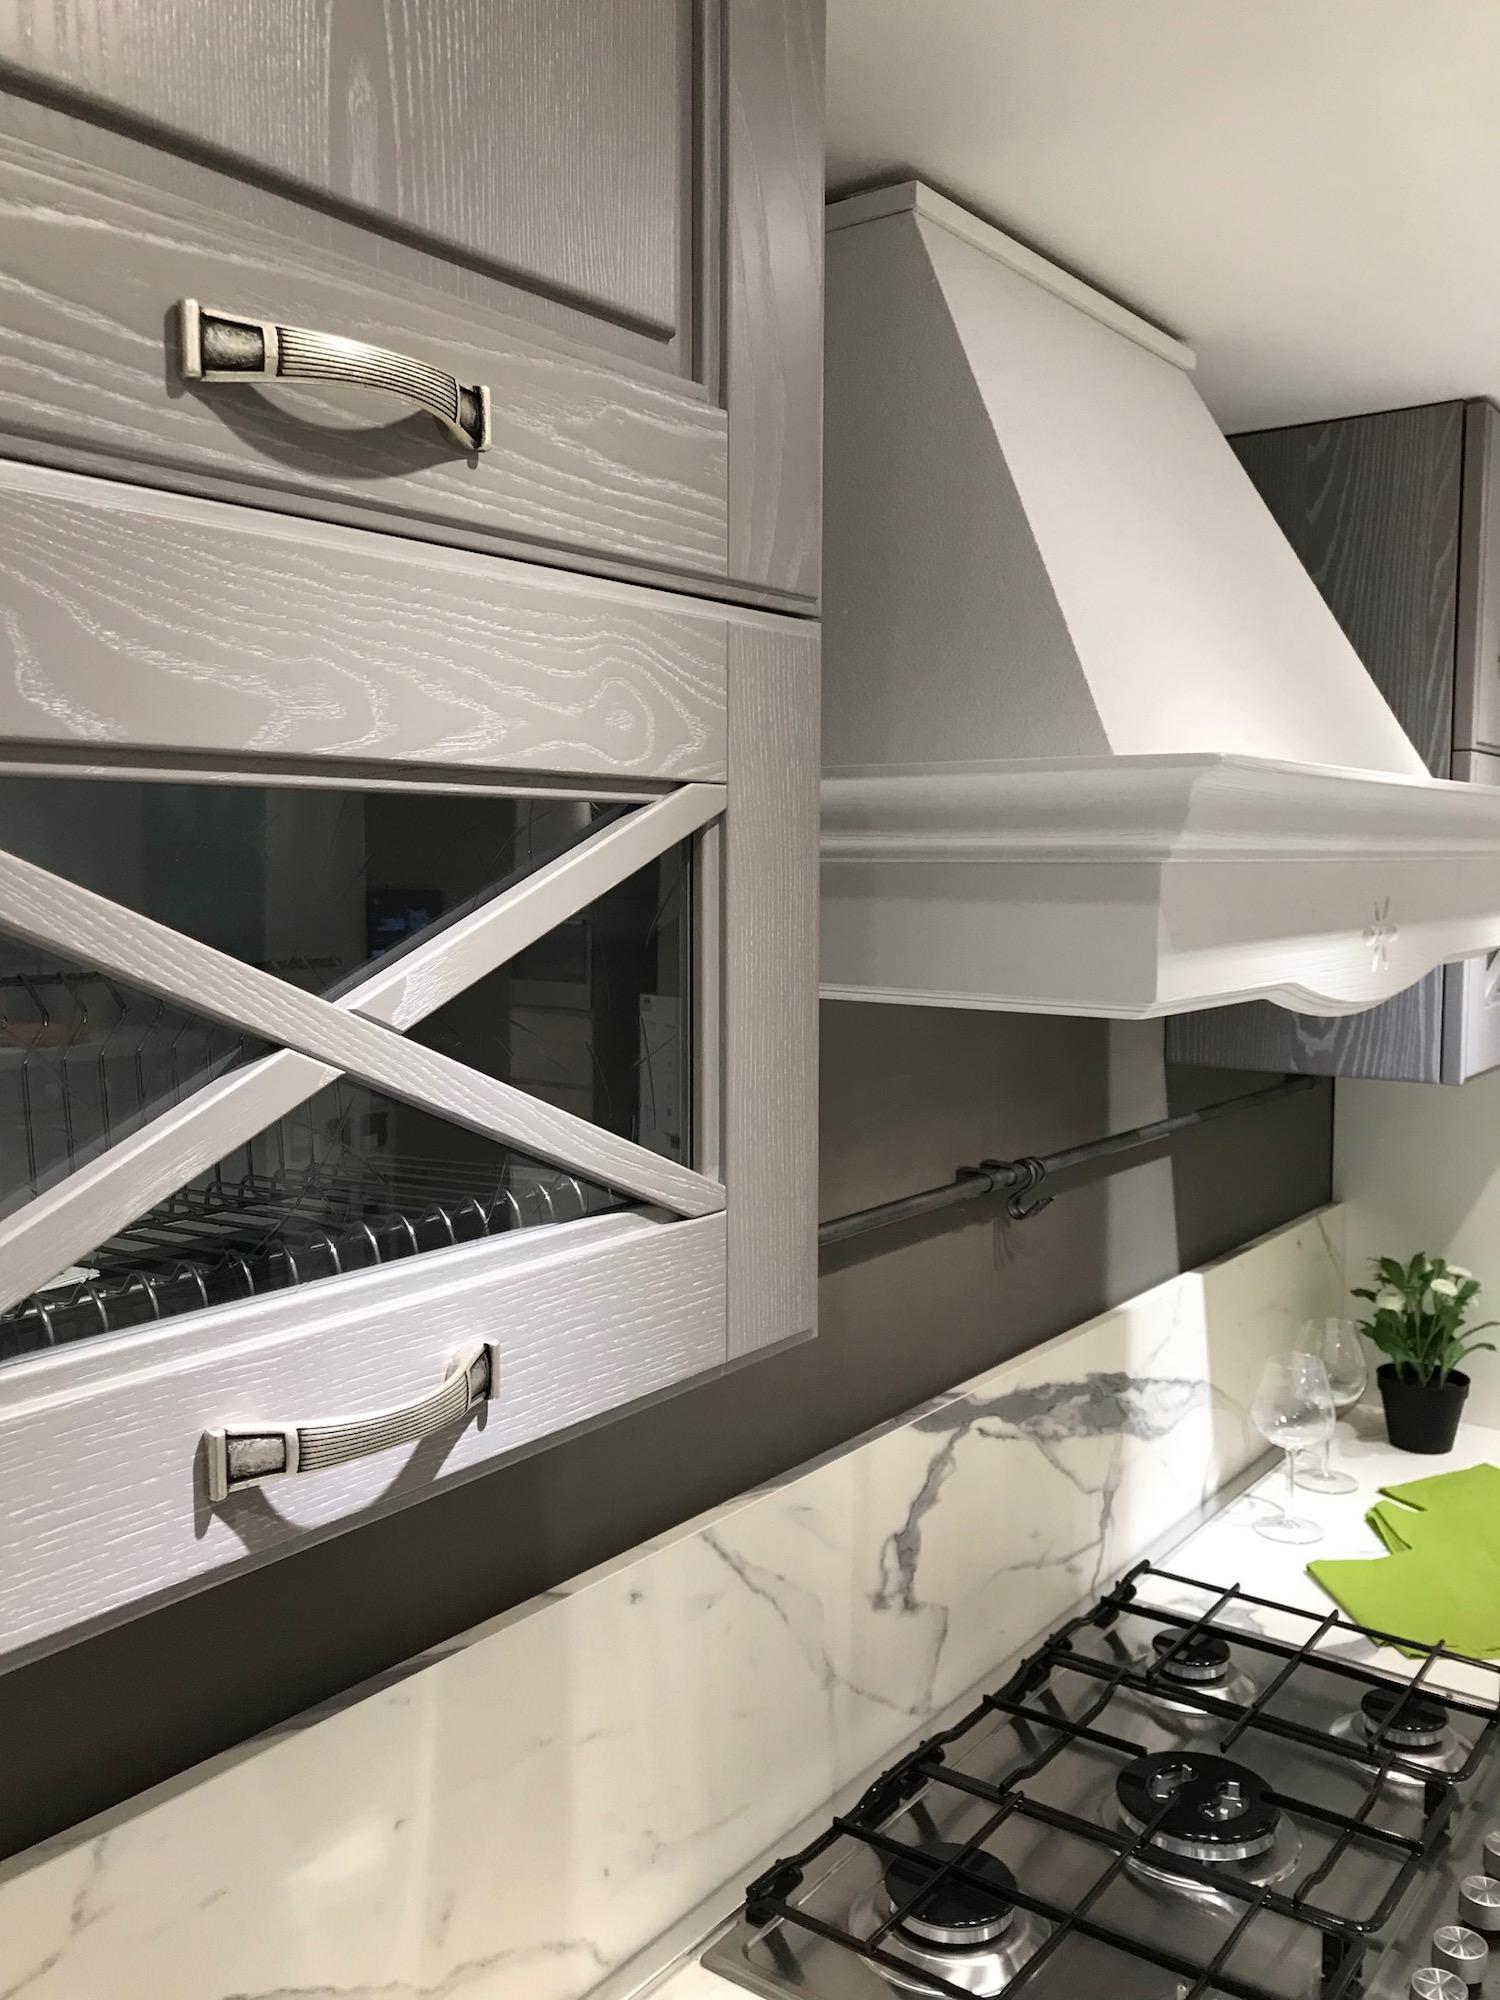 Cucina LUBE - Mod. Agnese - Rafaschieri Arredamenti